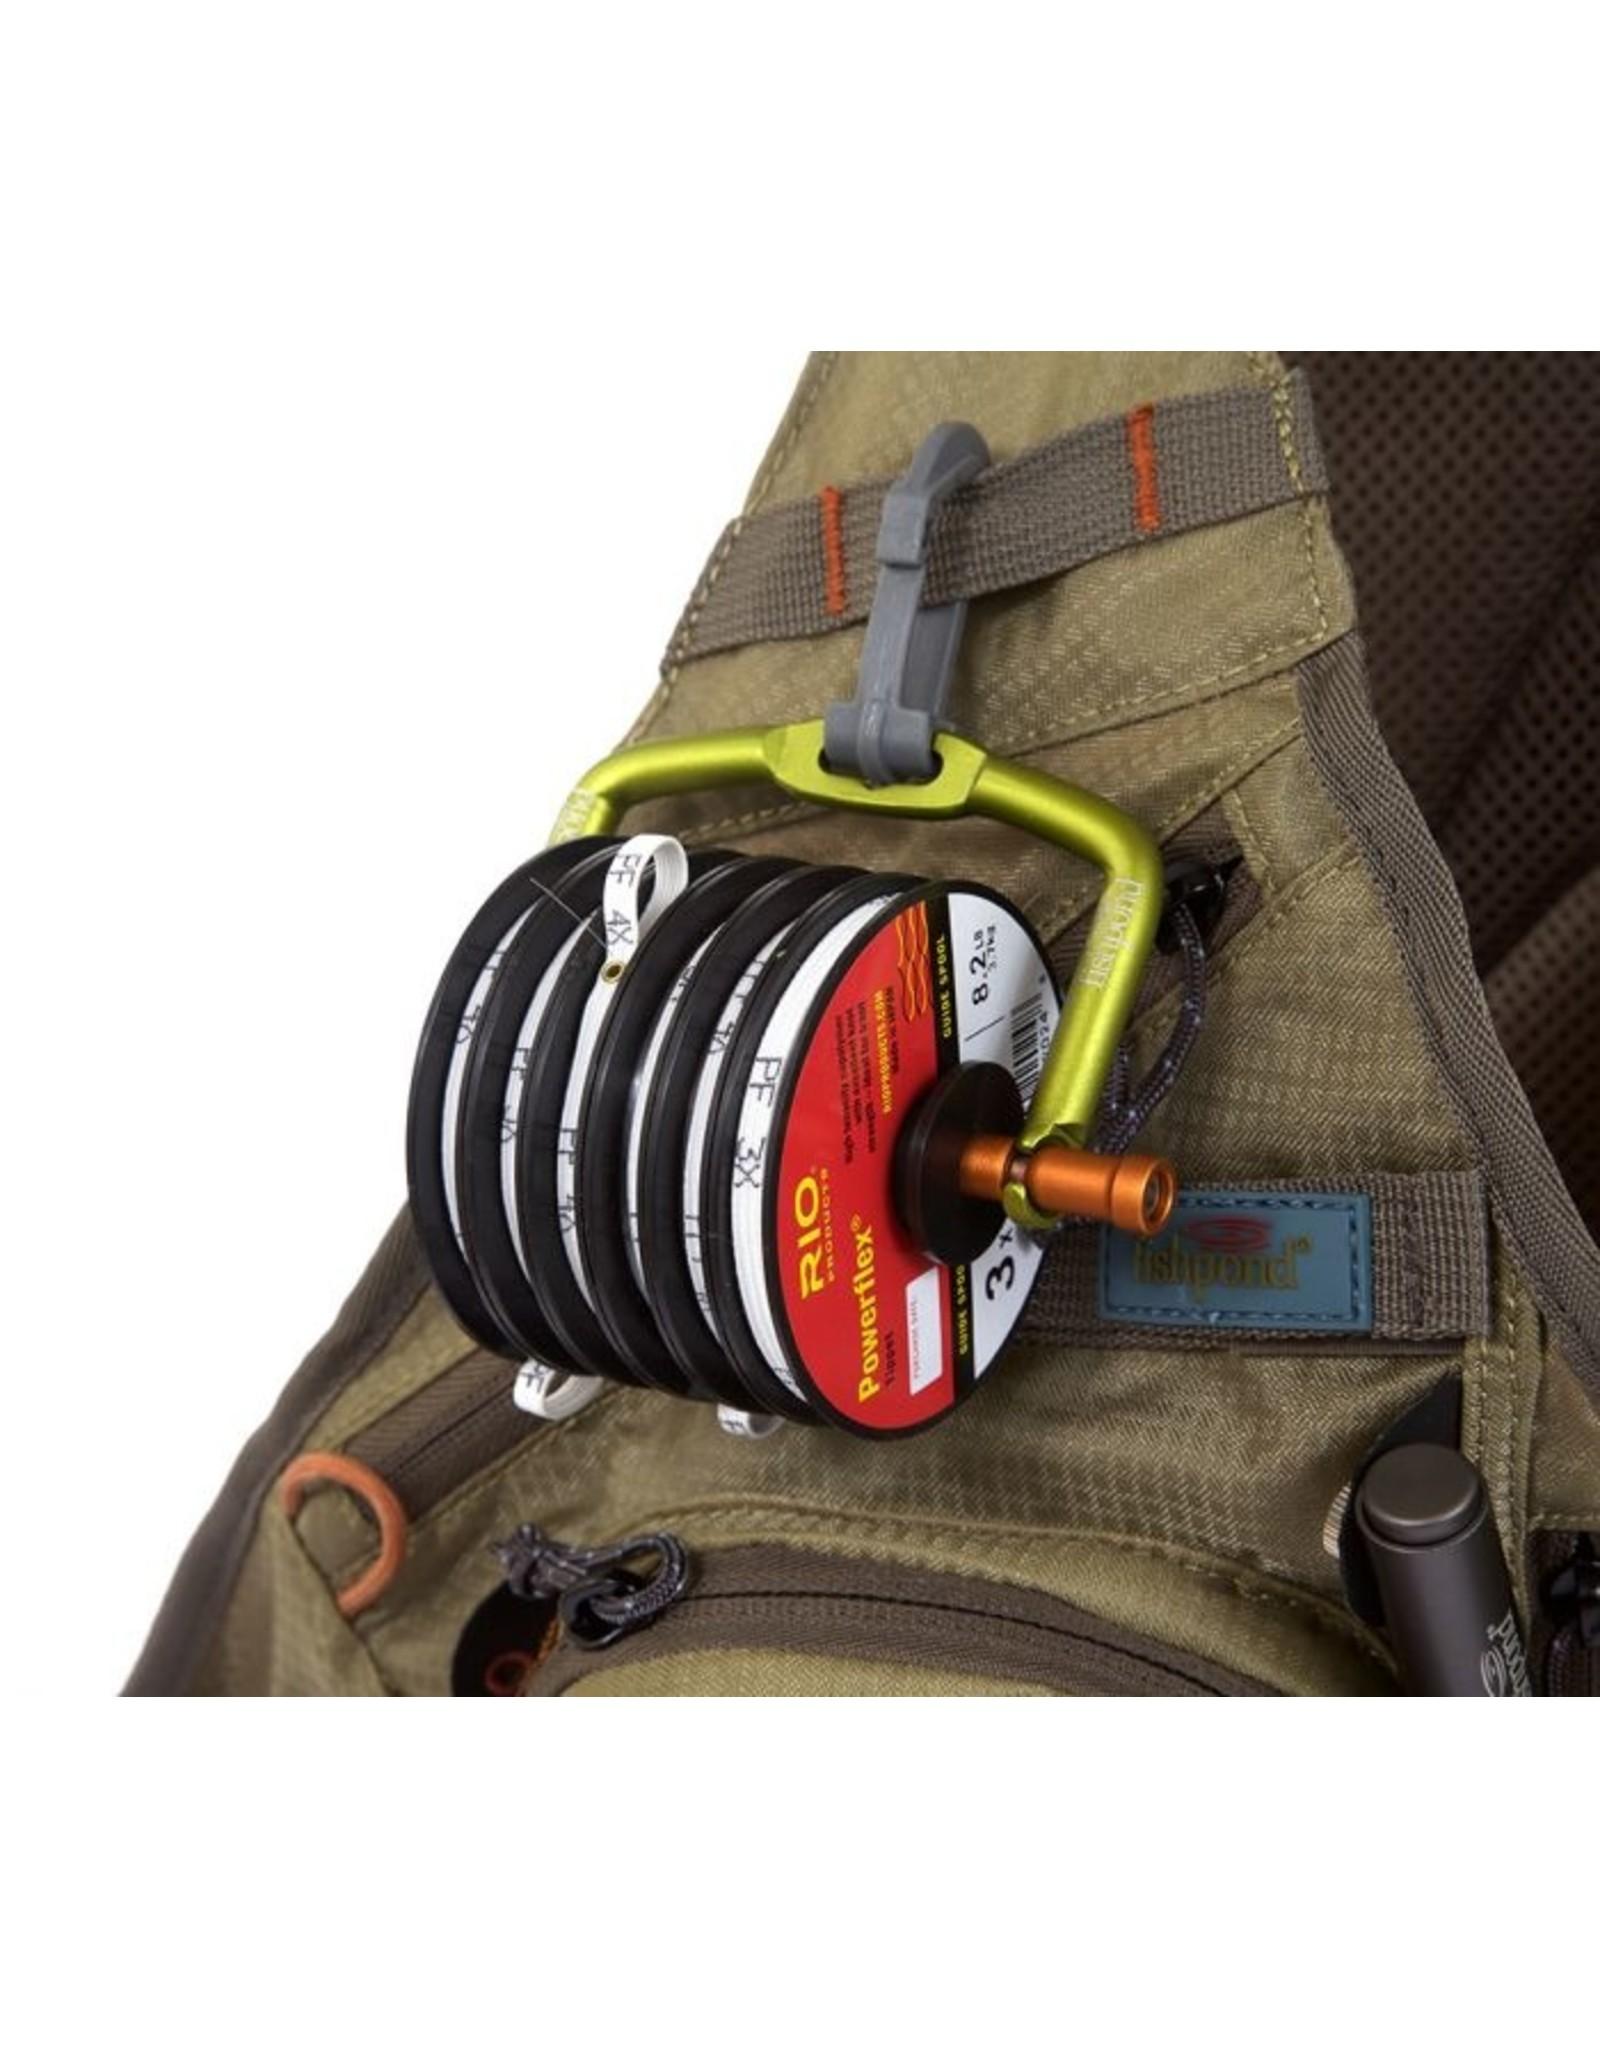 Fishpond Fishpond - Headgate Tippet Holder